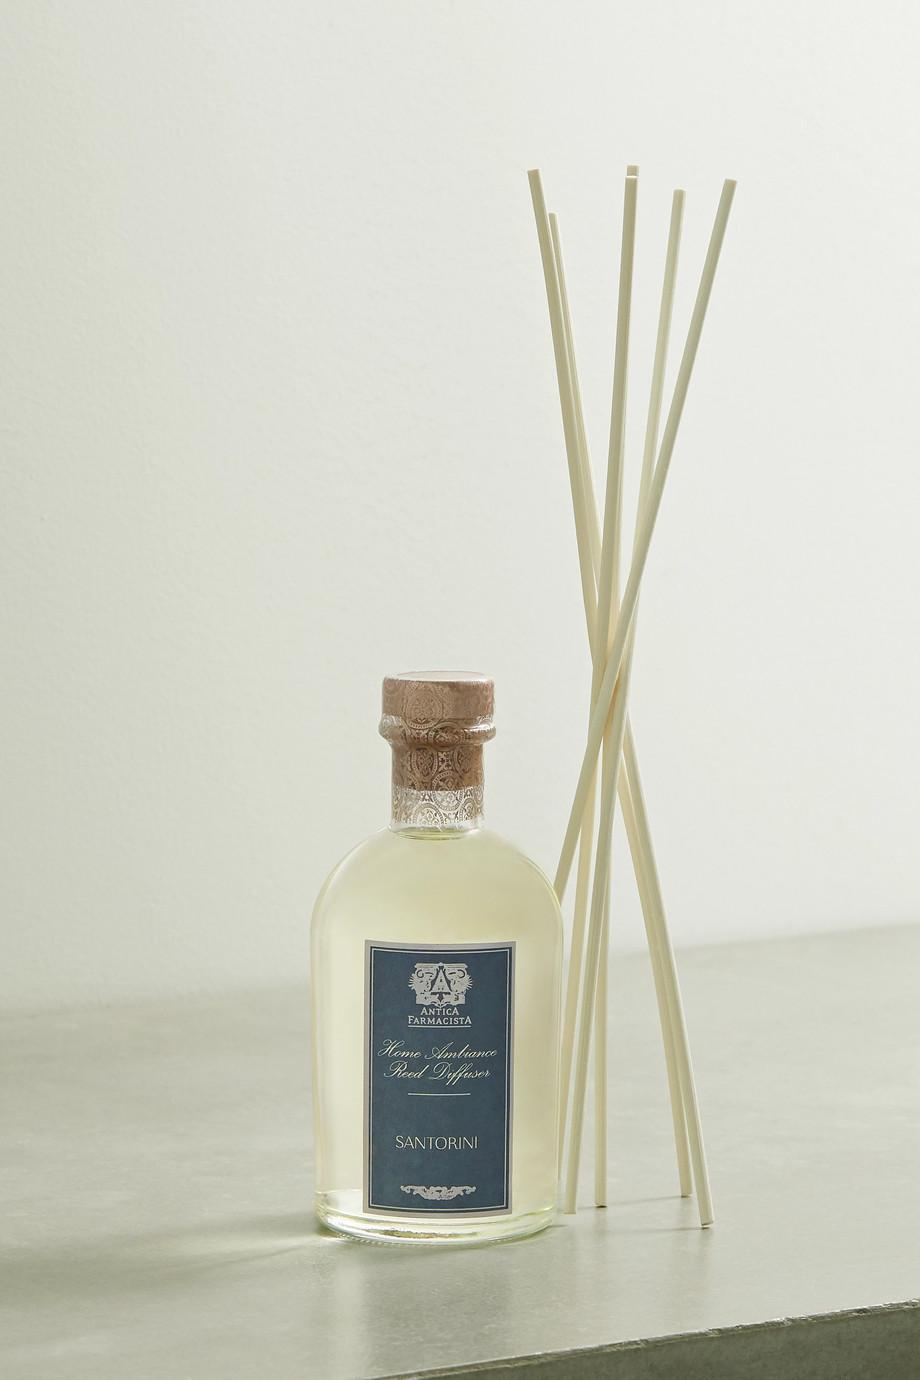 Antica Farmacista Santorini reed diffuser, 250ml